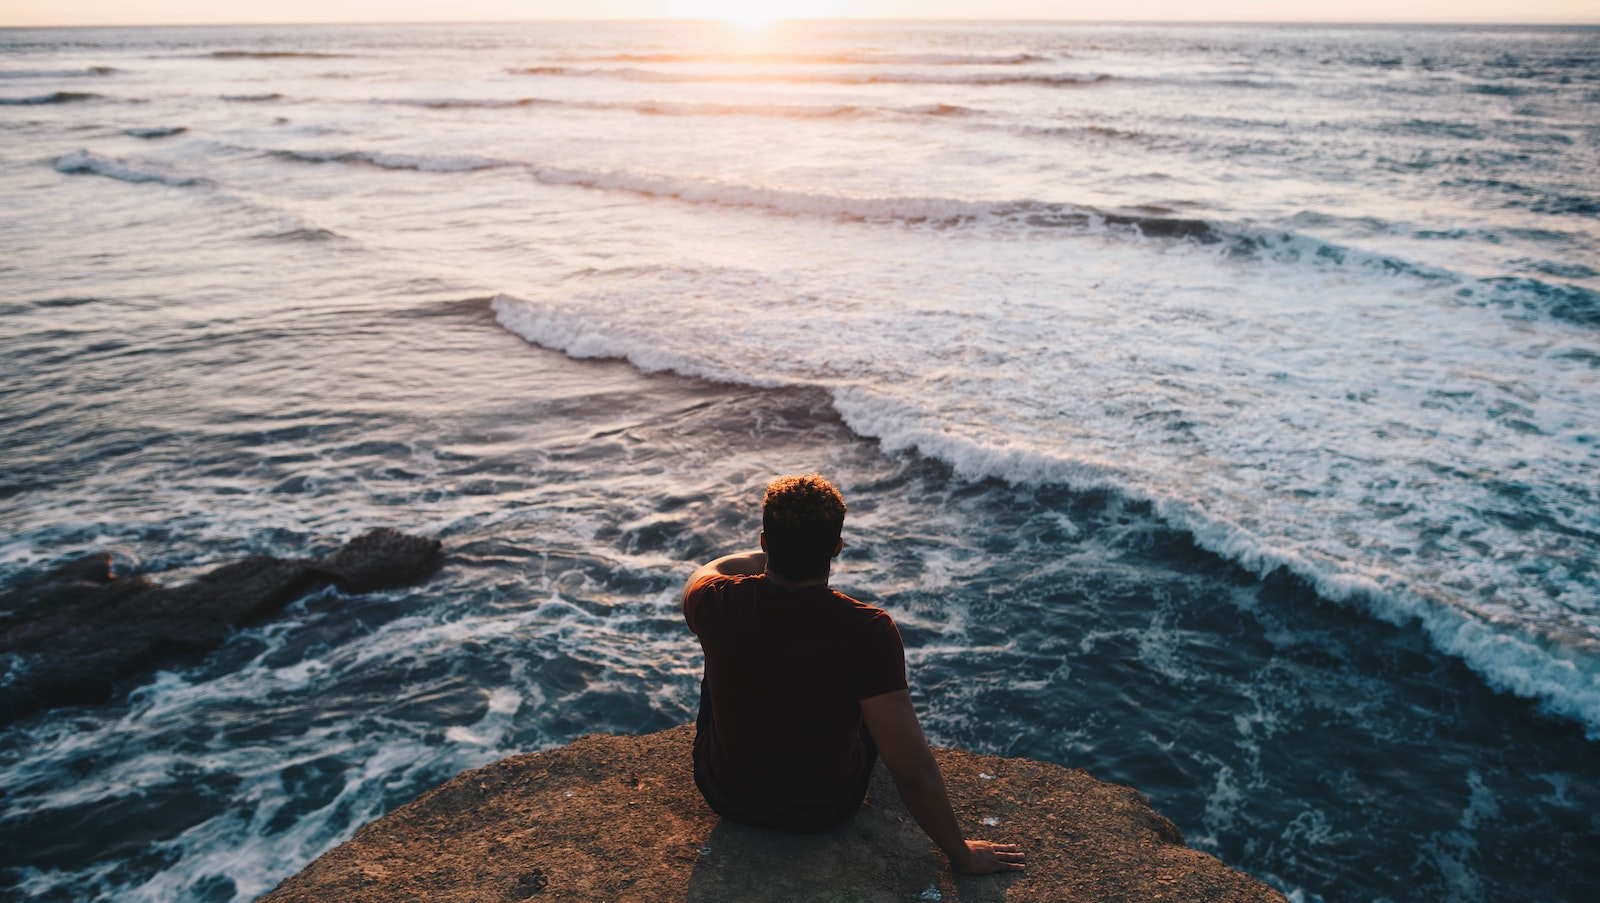 man on cliff overlooking ocean